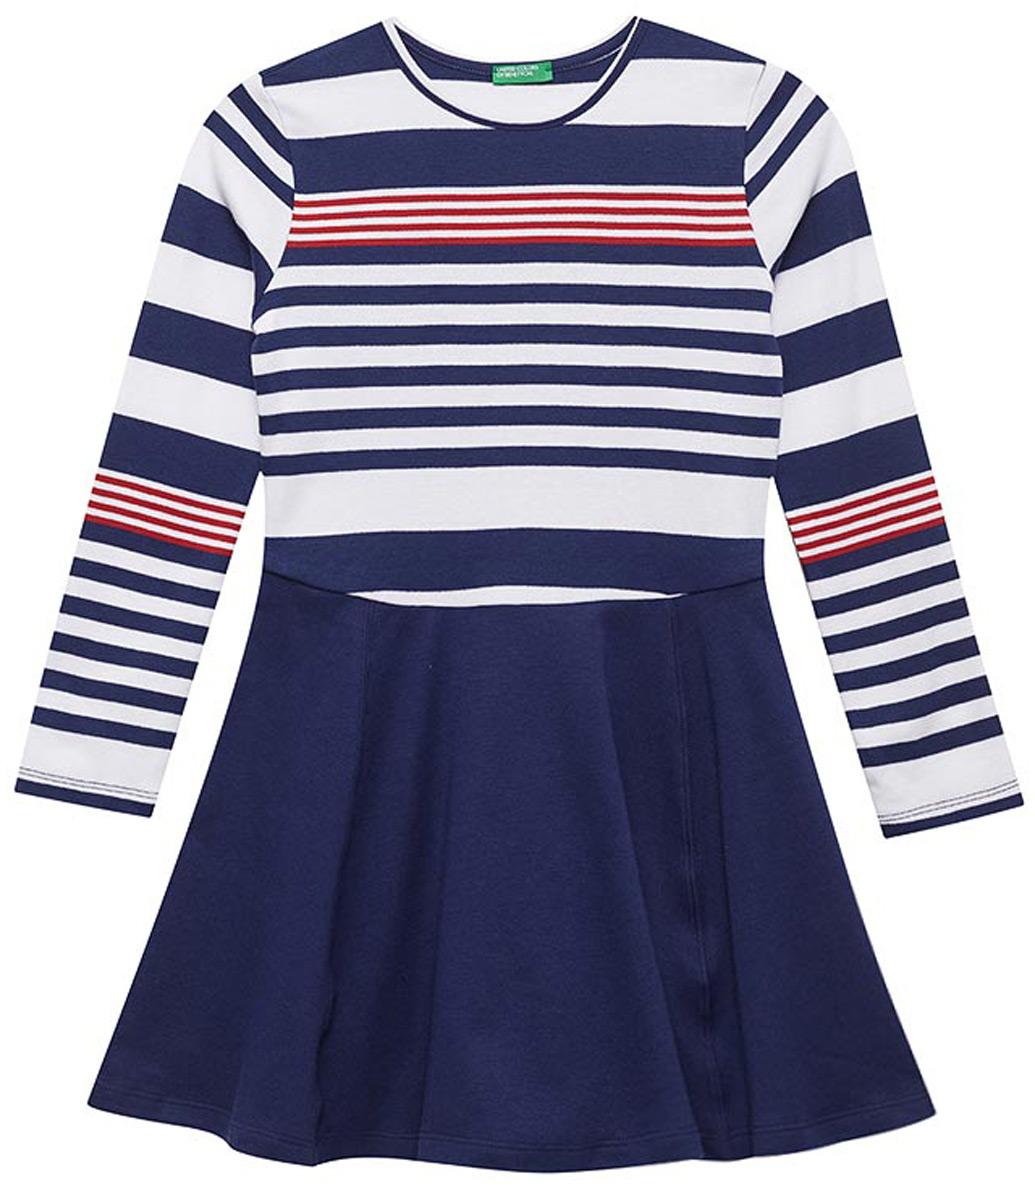 Платье для девочек United Colors of Benetton, цвет: синий. 3XO9F11MF_901. Размер 1603XO9F11MF_901Платье для девочки от United Colors of Benetton выполнено из натурального хлопкового трикотажа. Модель с длинными рукавами и круглым вырезом горловины.